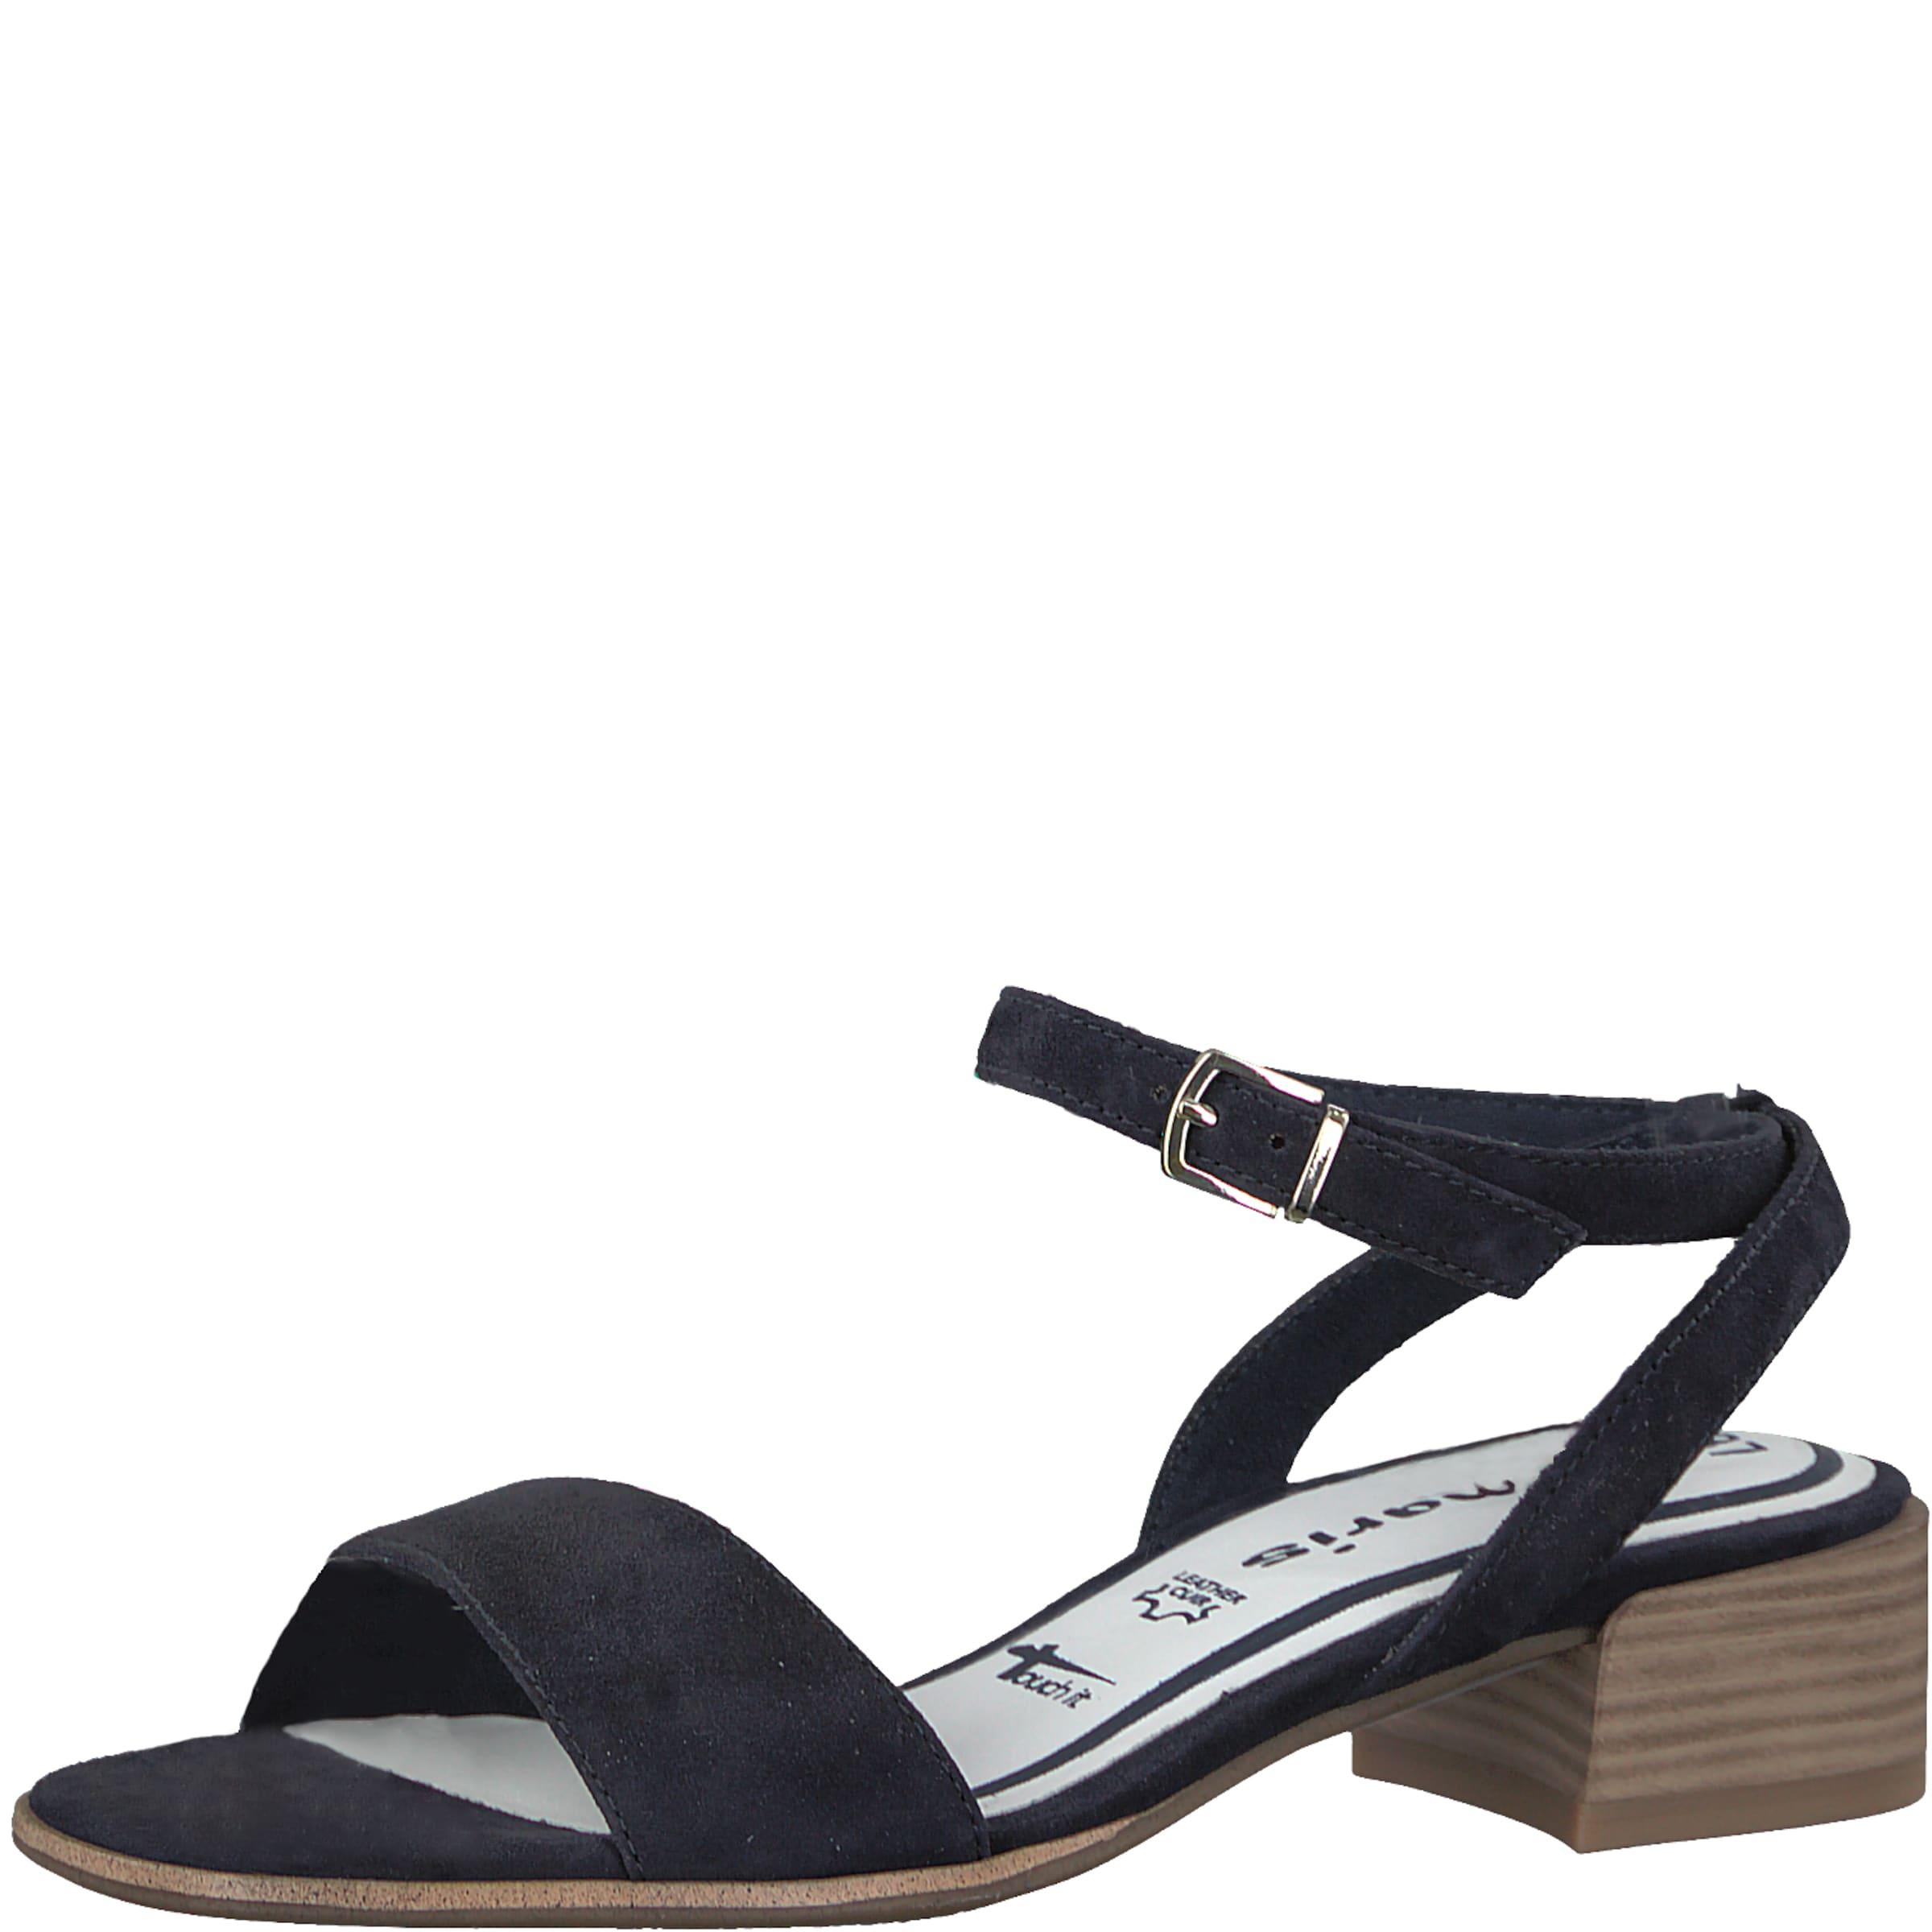 TAMARIS Sandalette Günstige und langlebige Schuhe